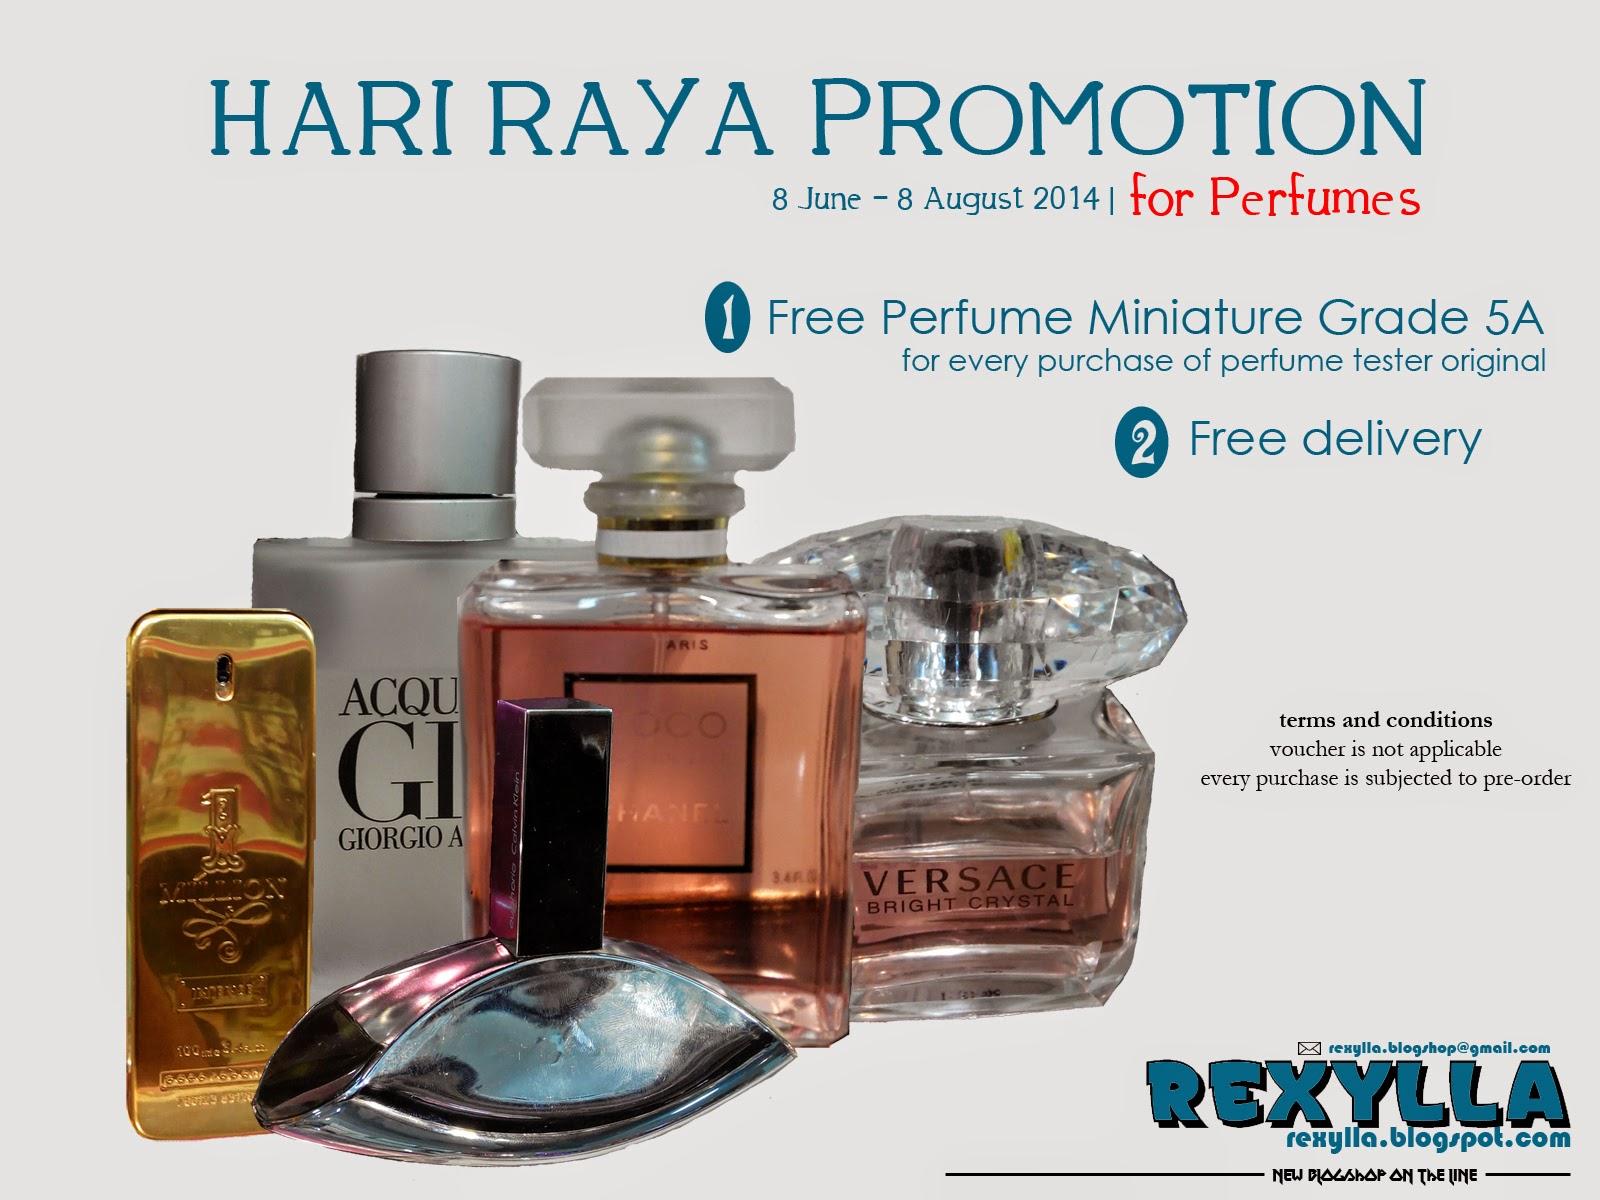 rexylla, hari raya promotion 2014, promosi hari raya 2014